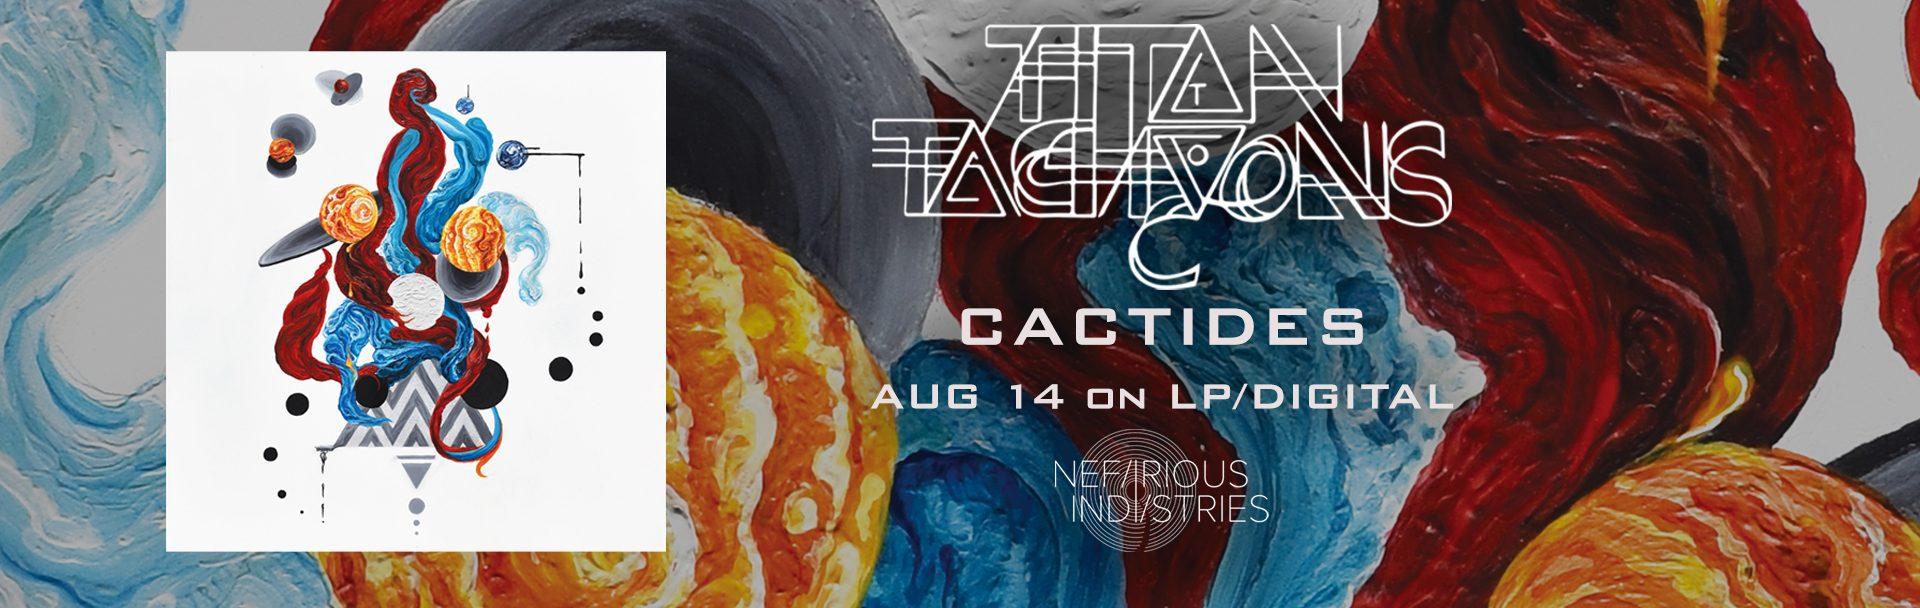 Titan to Tachyons